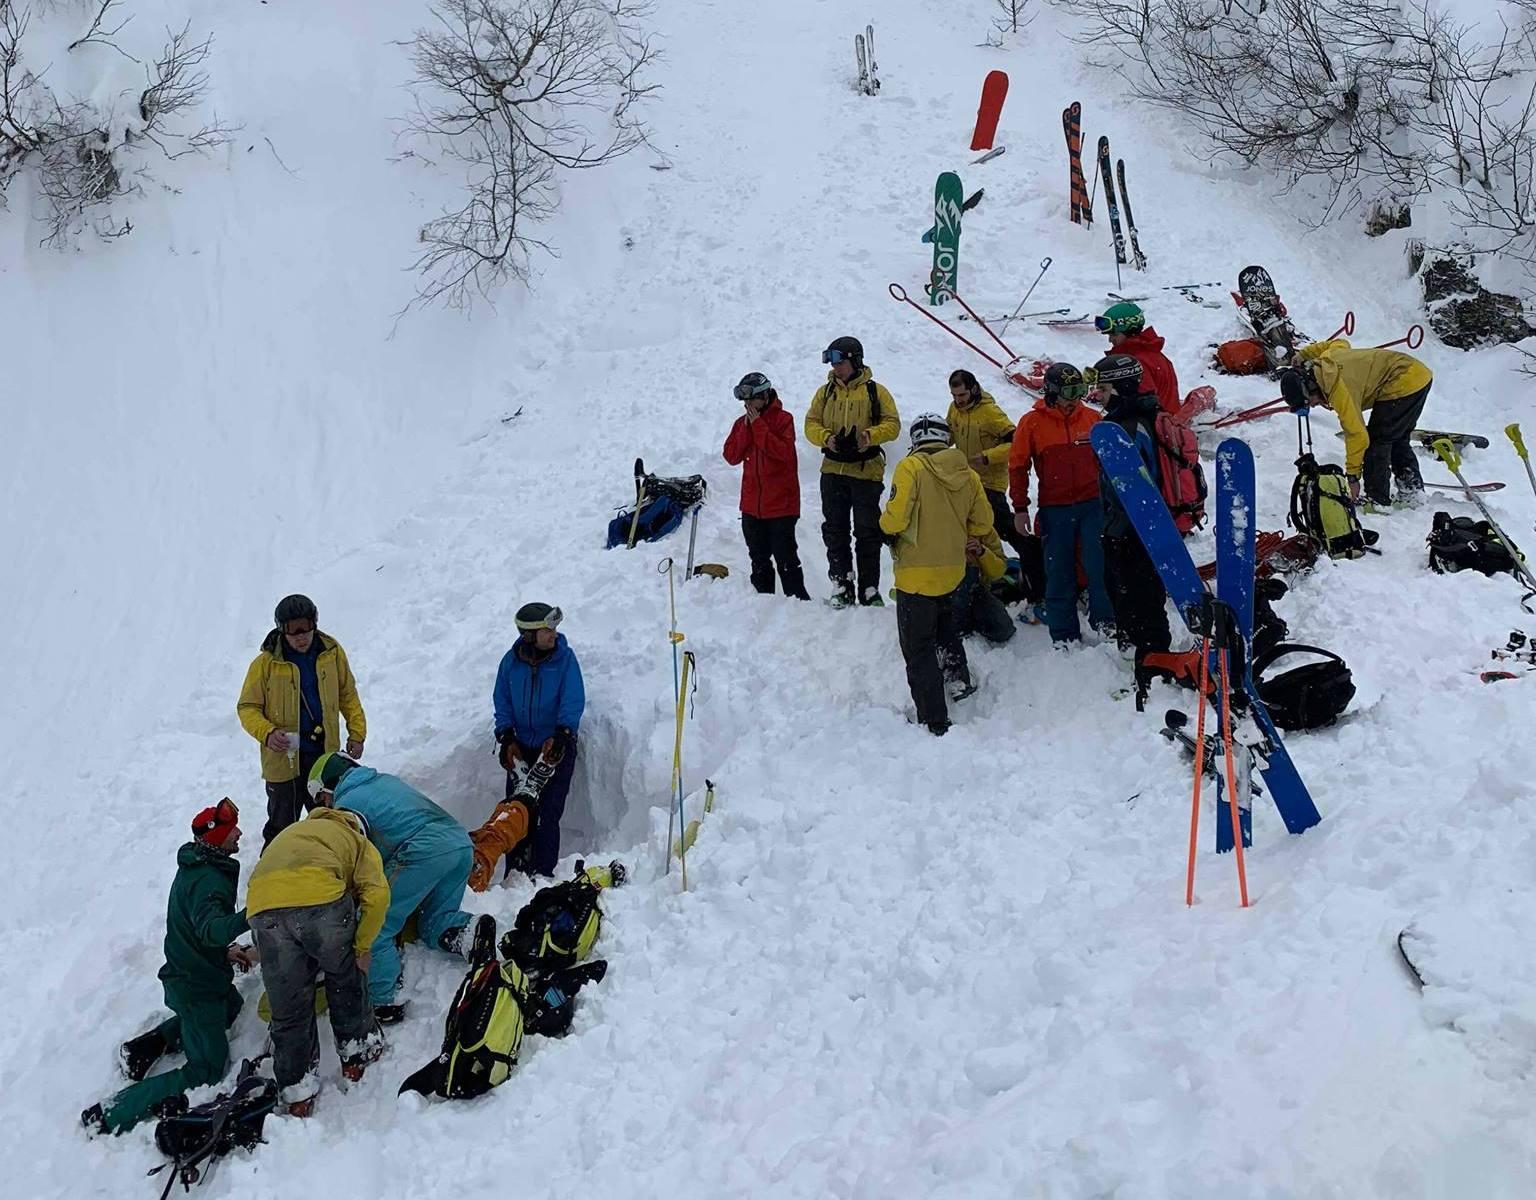 Экстремал из Смоленска объяснил причины трагедии на лыжном курорте в Сочи